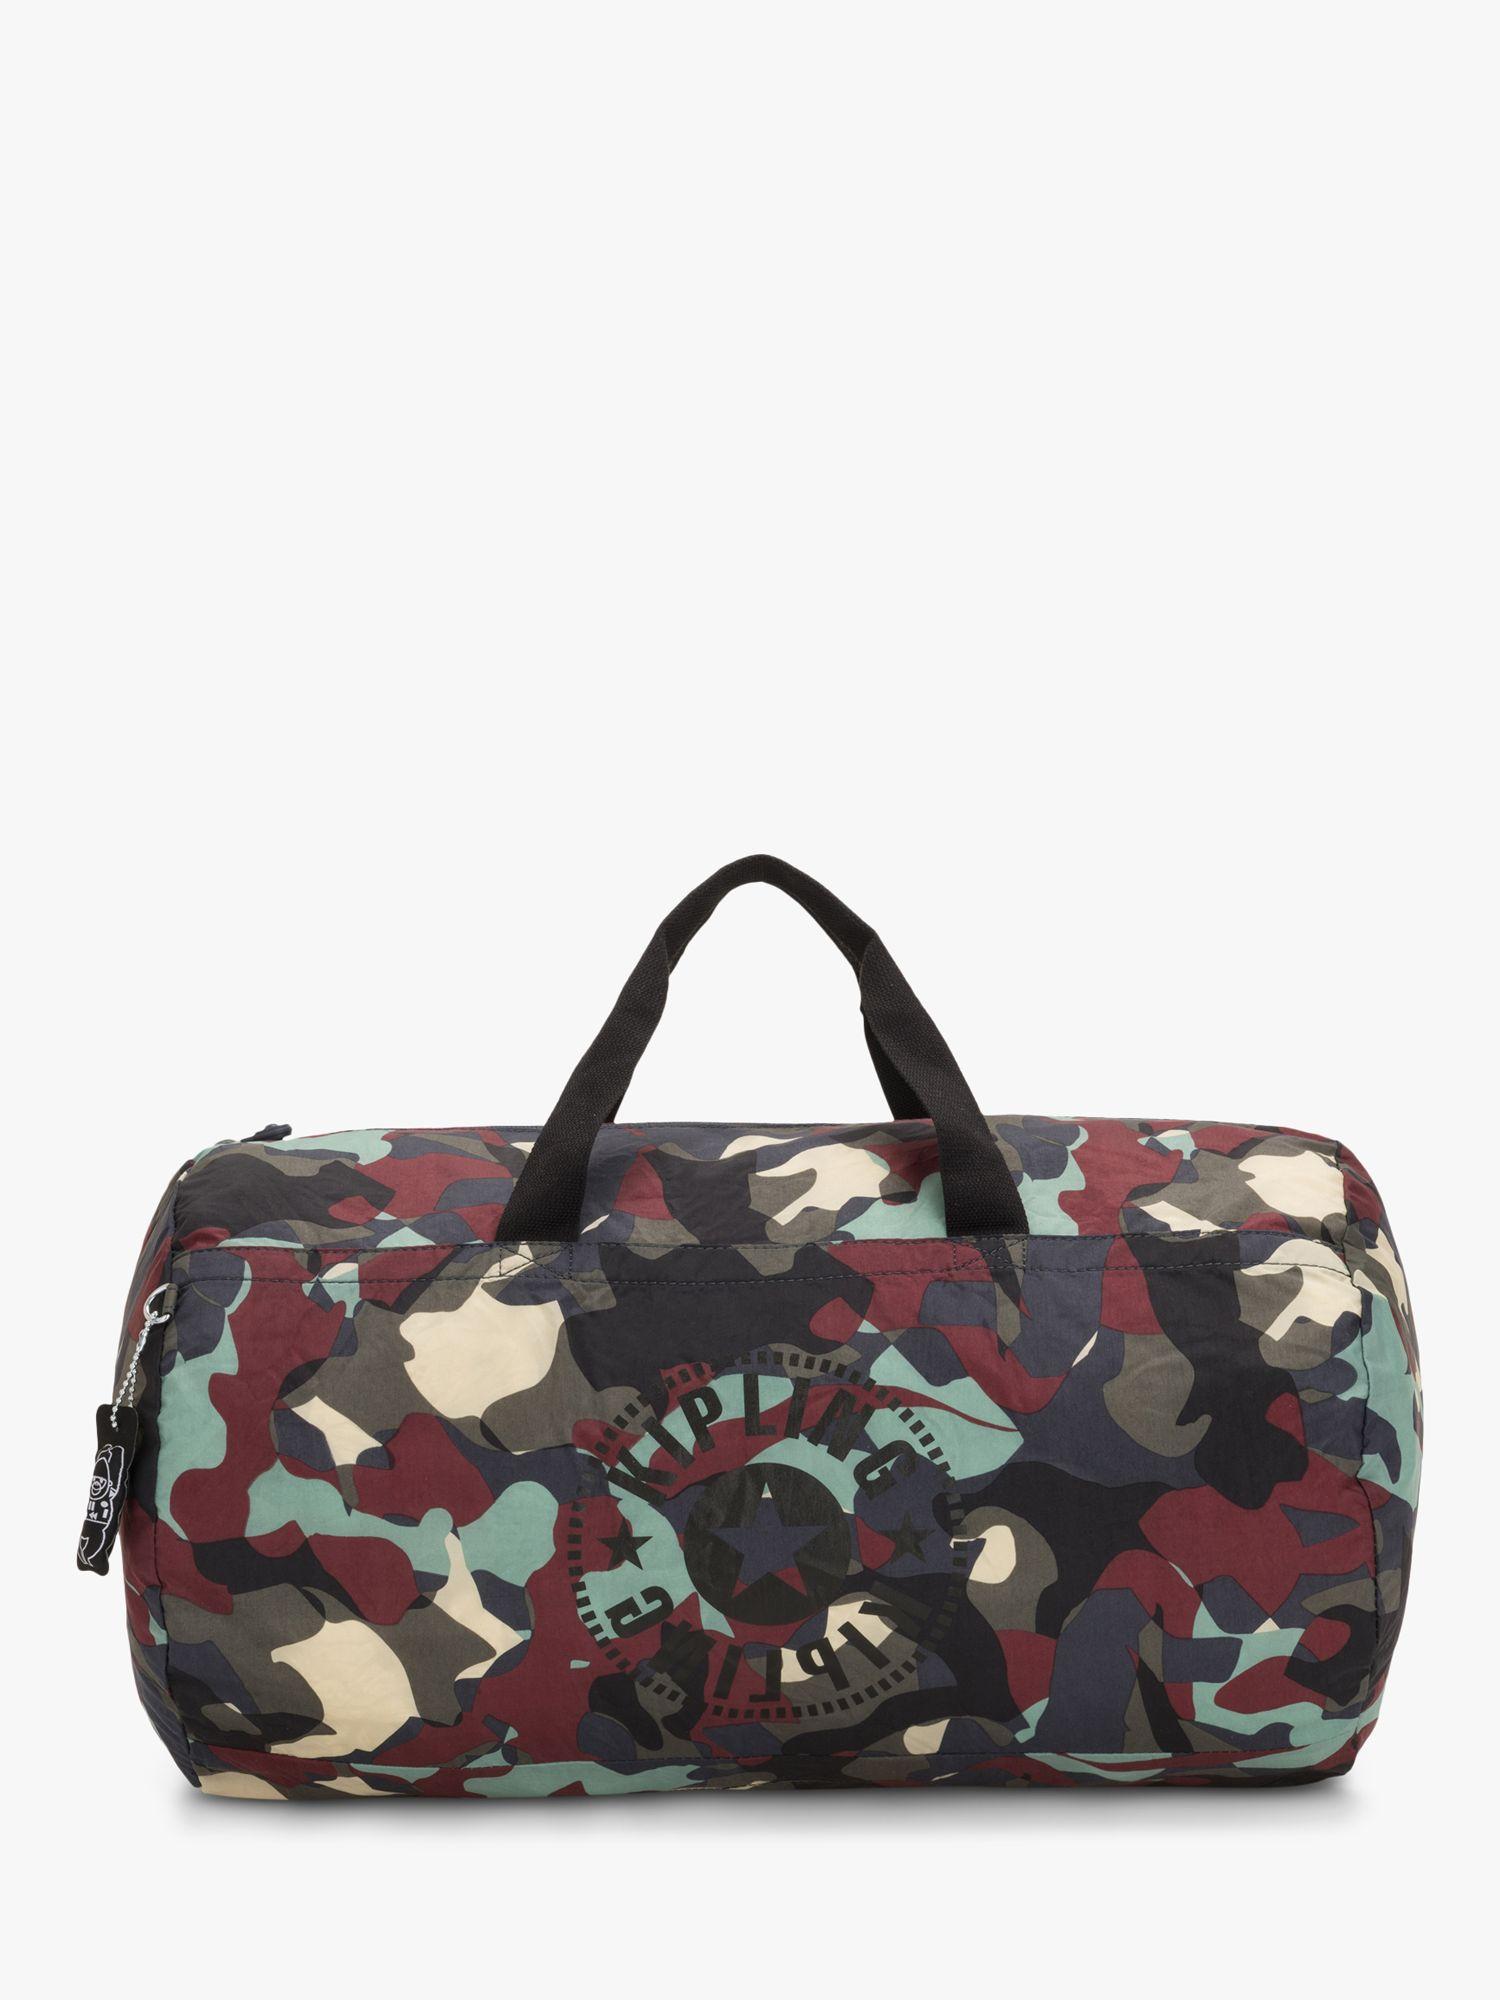 Kipling Kipling Onalo Packable Weekend Bag